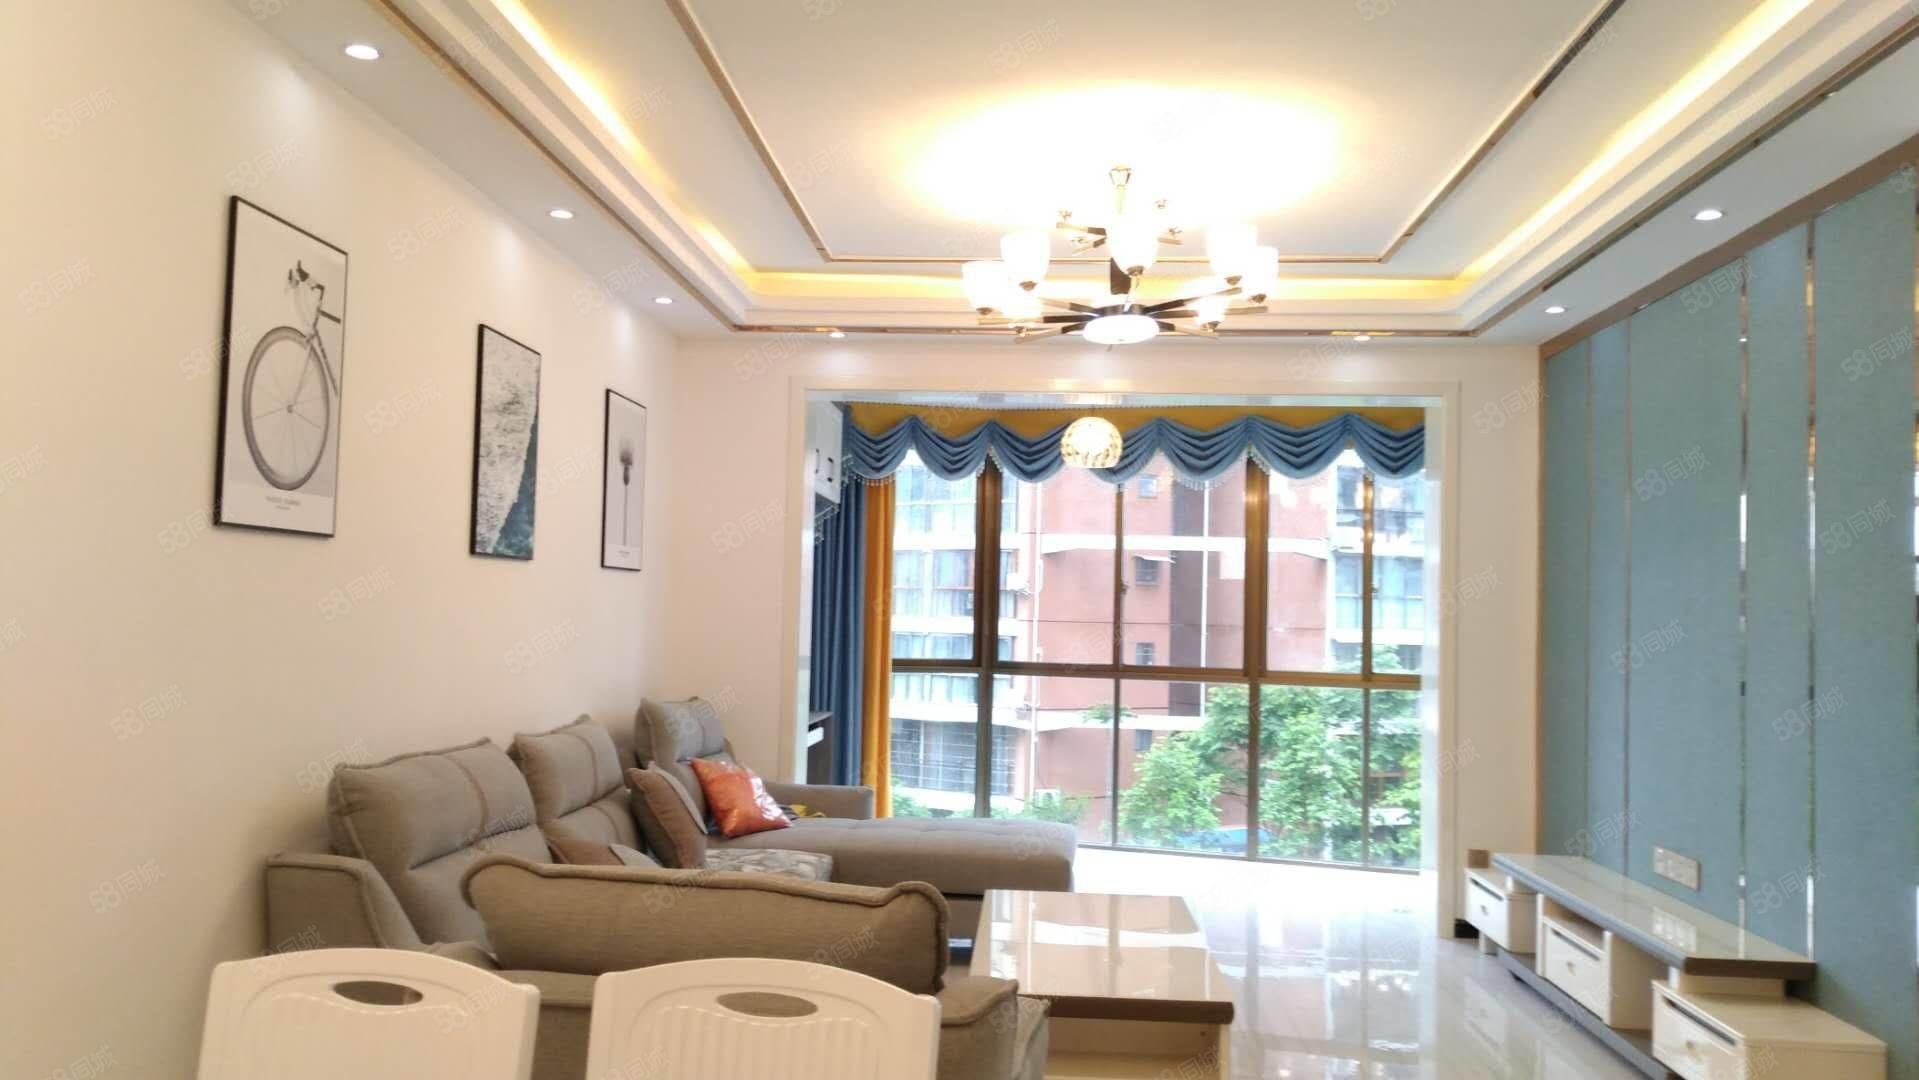 急售锦绣国际城3室2厅2卫豪装修109平方家具齐